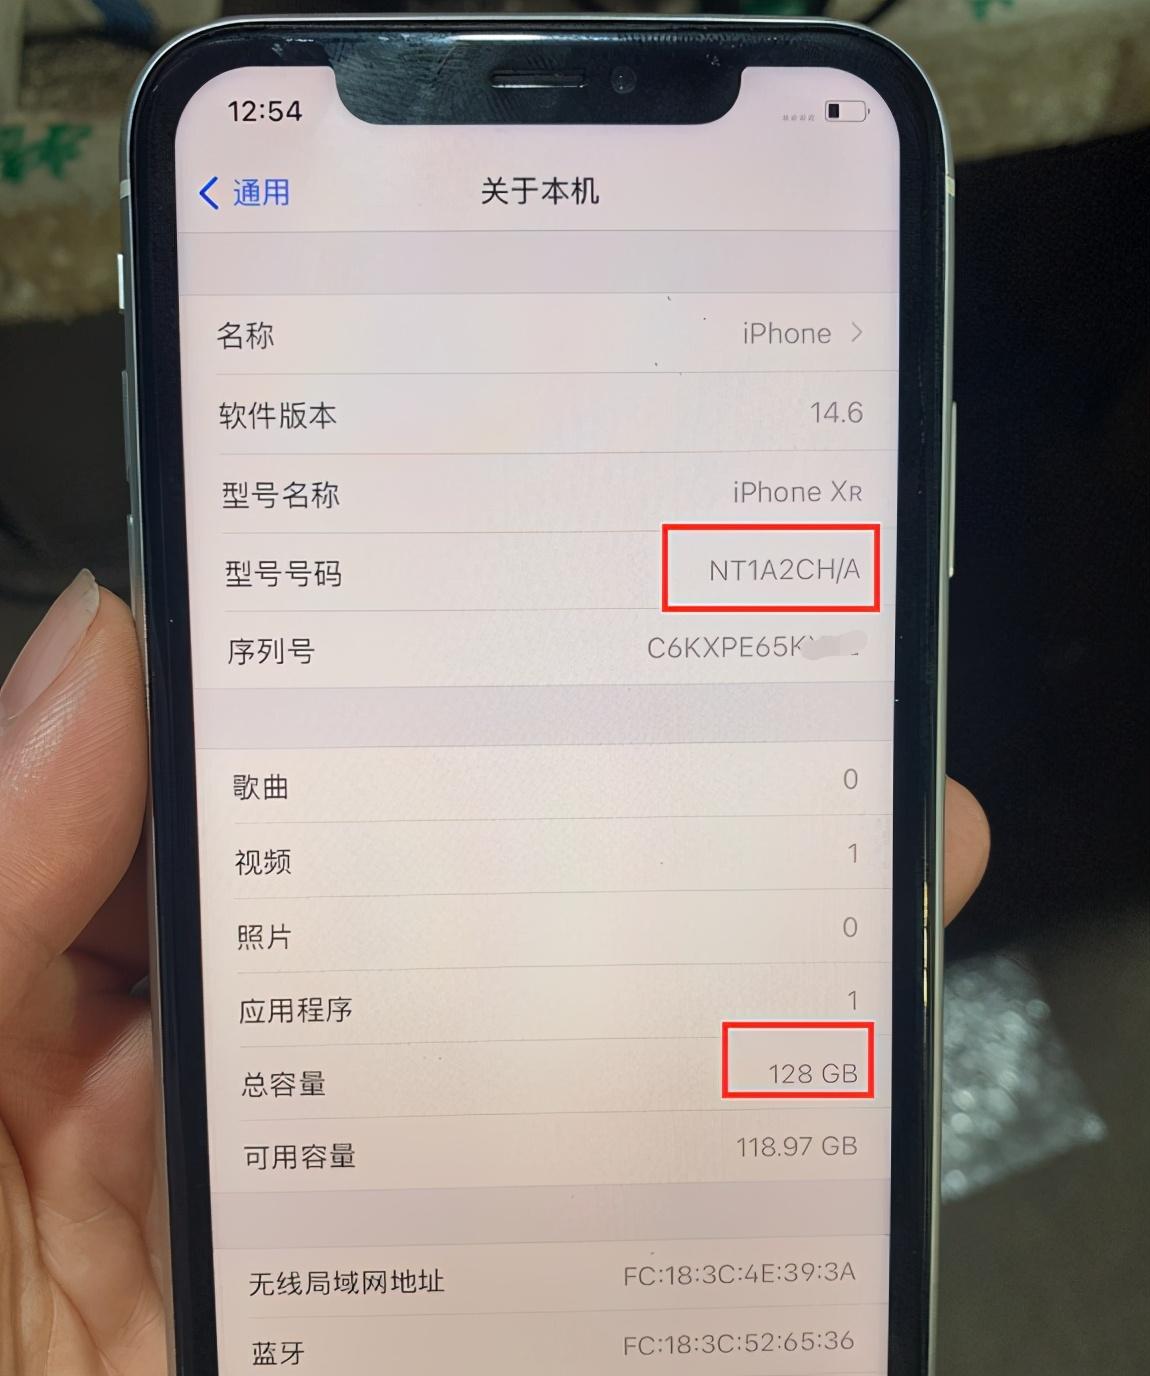 苹果官换机能买吗(iphone的官换机靠谱吗)